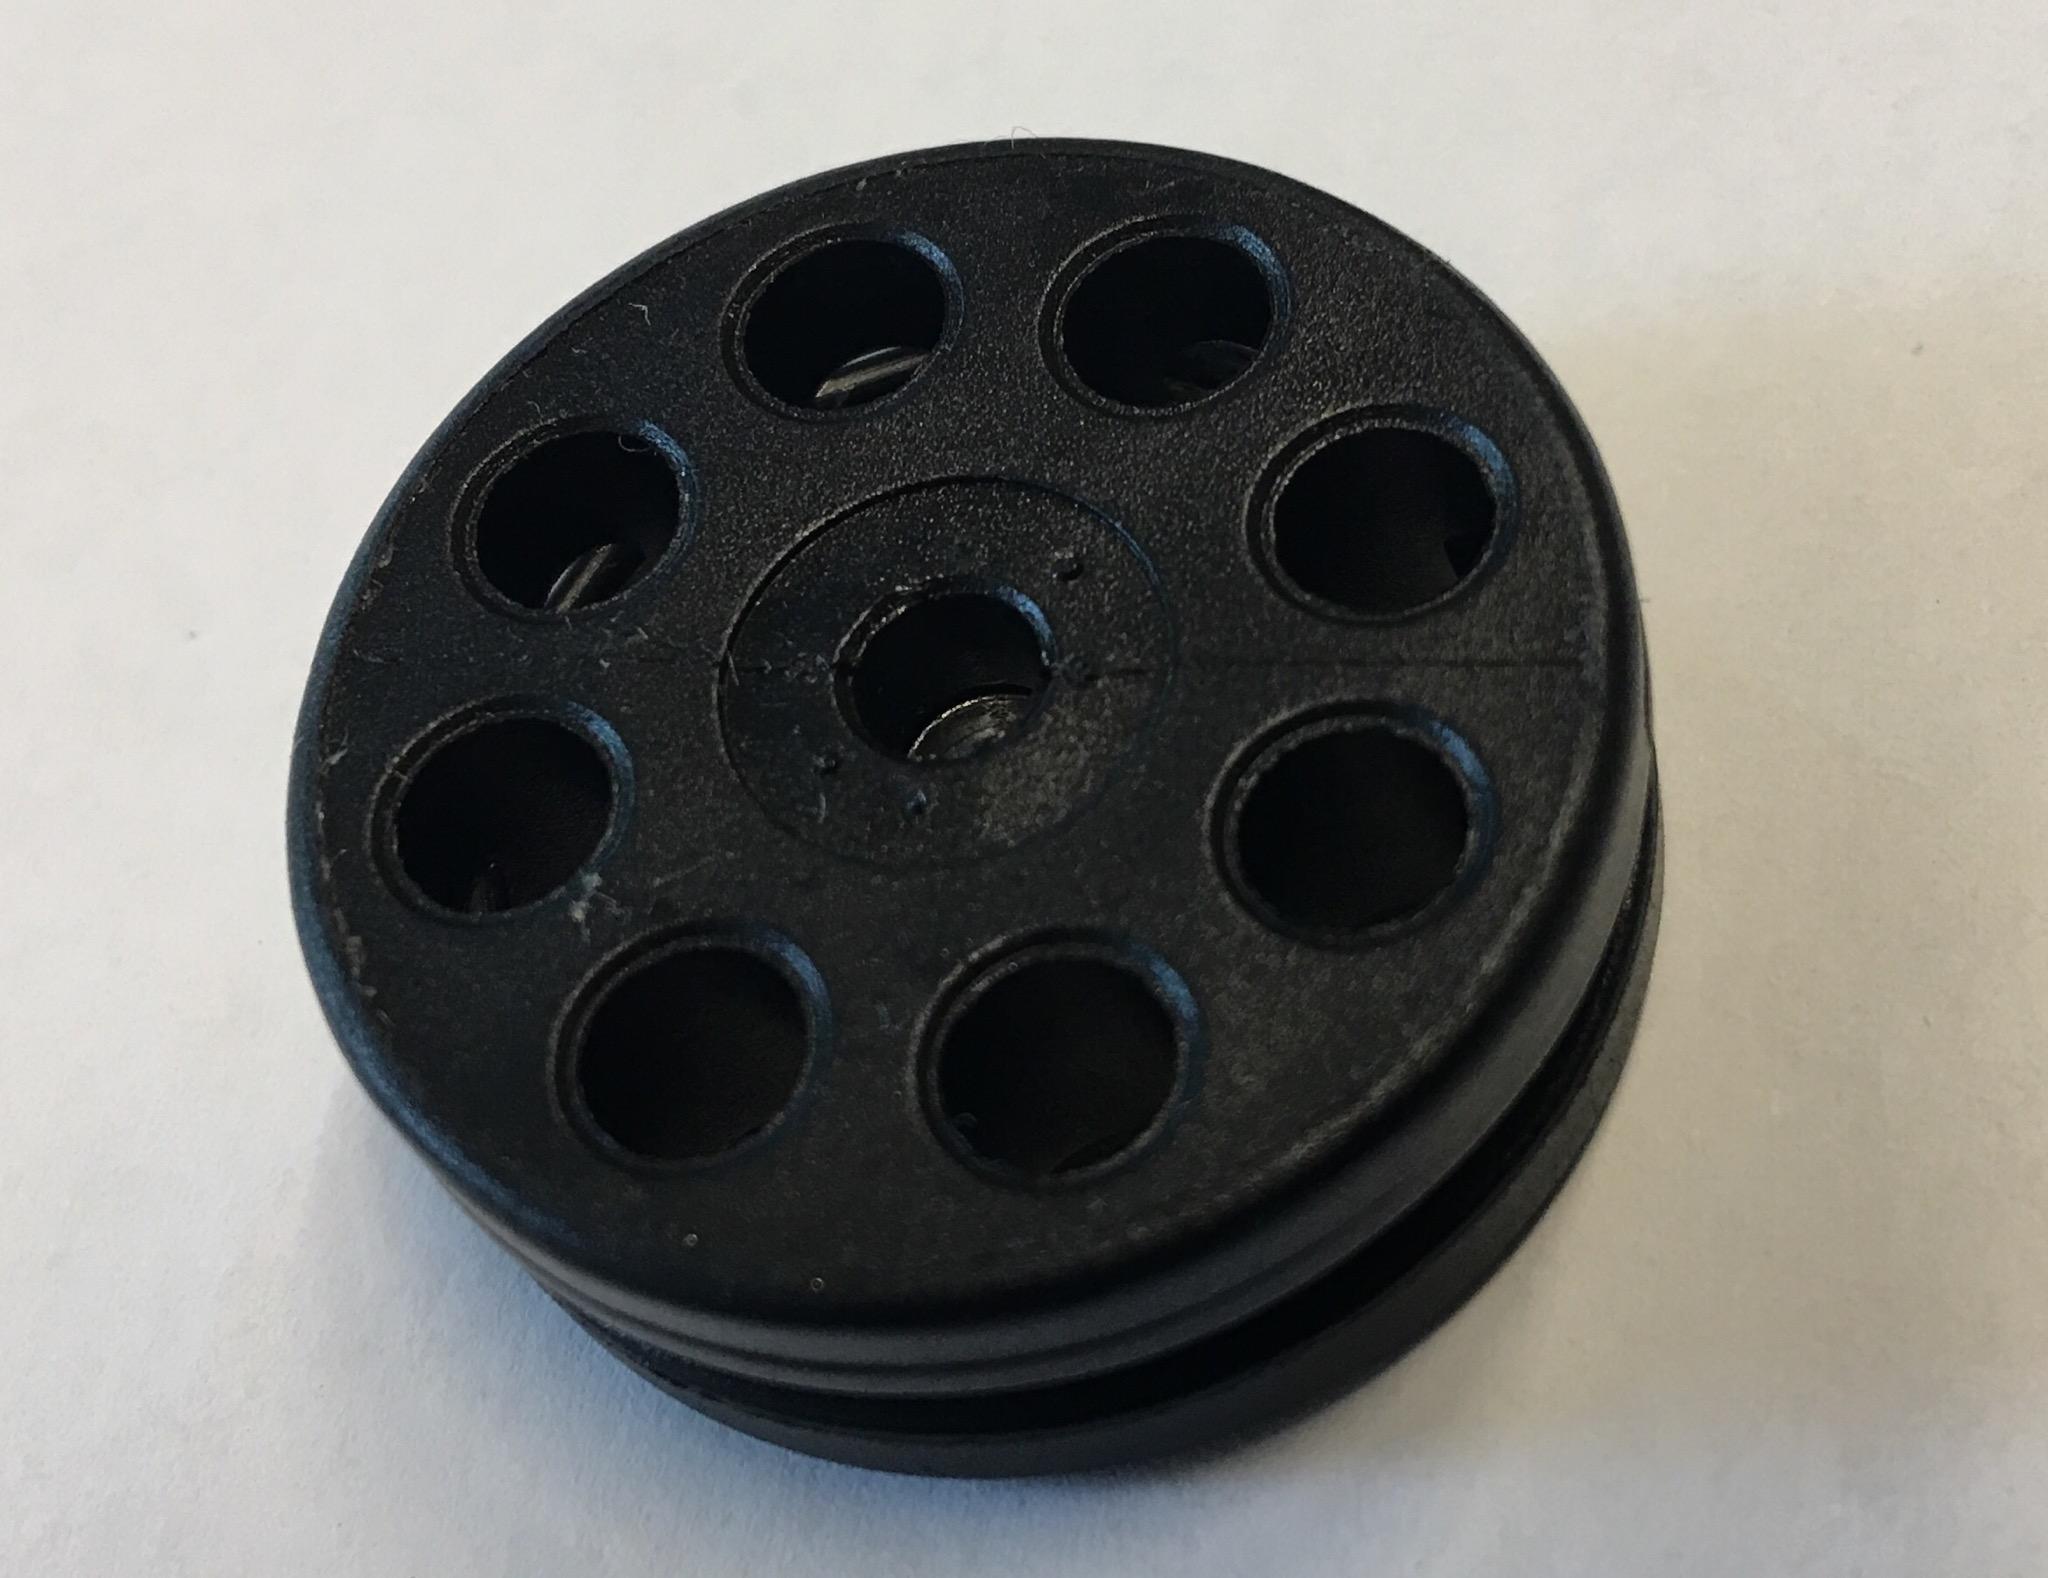 Magazin aus Plastik für 850 Airmagnum und Dominator im Kaliber 5,5mm